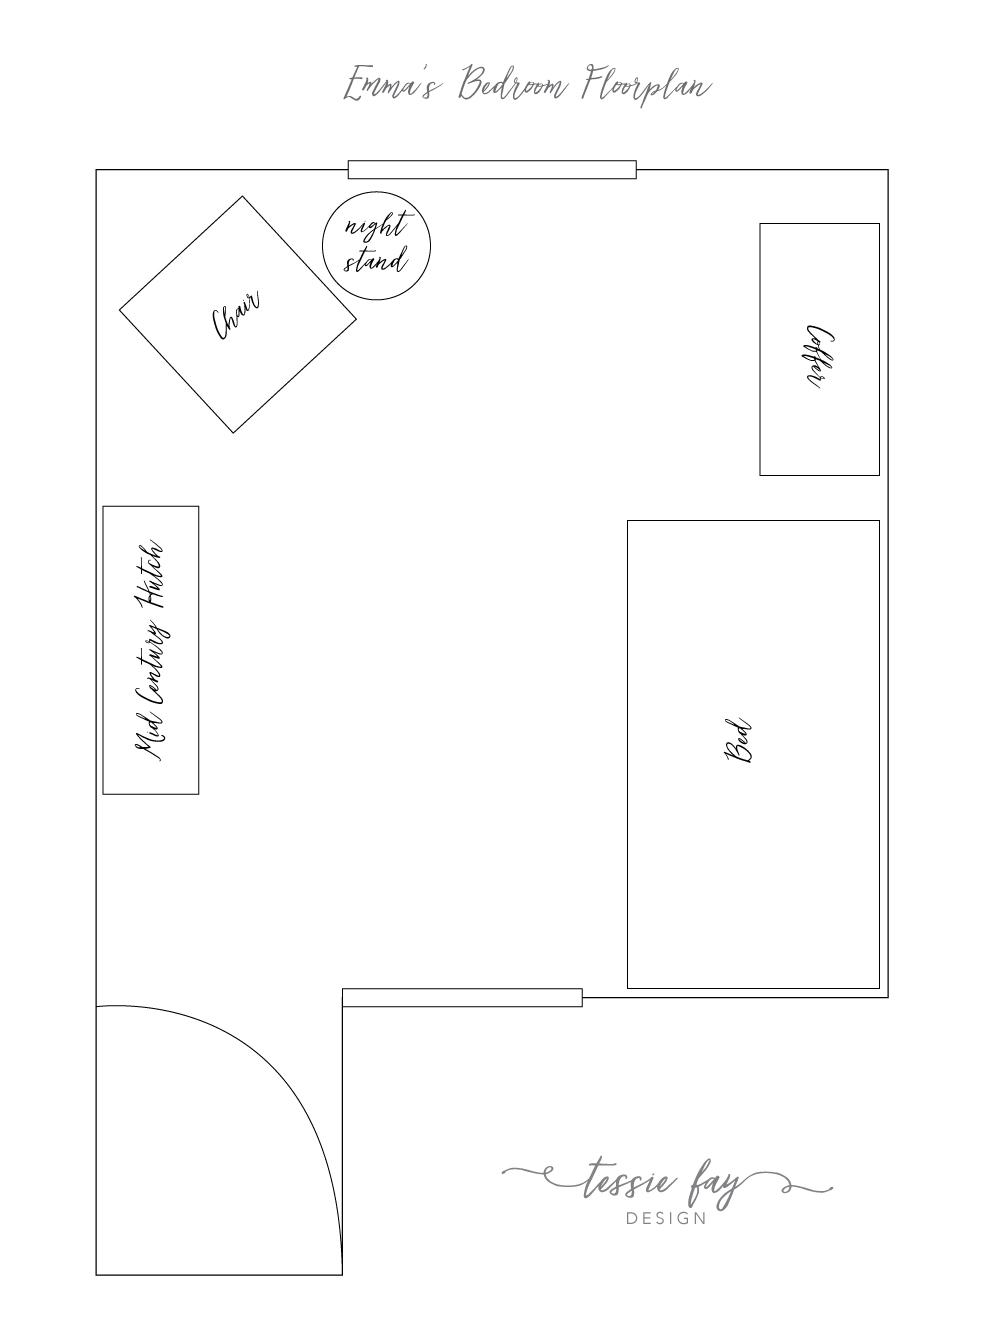 Girl's Bedroom Floorplan